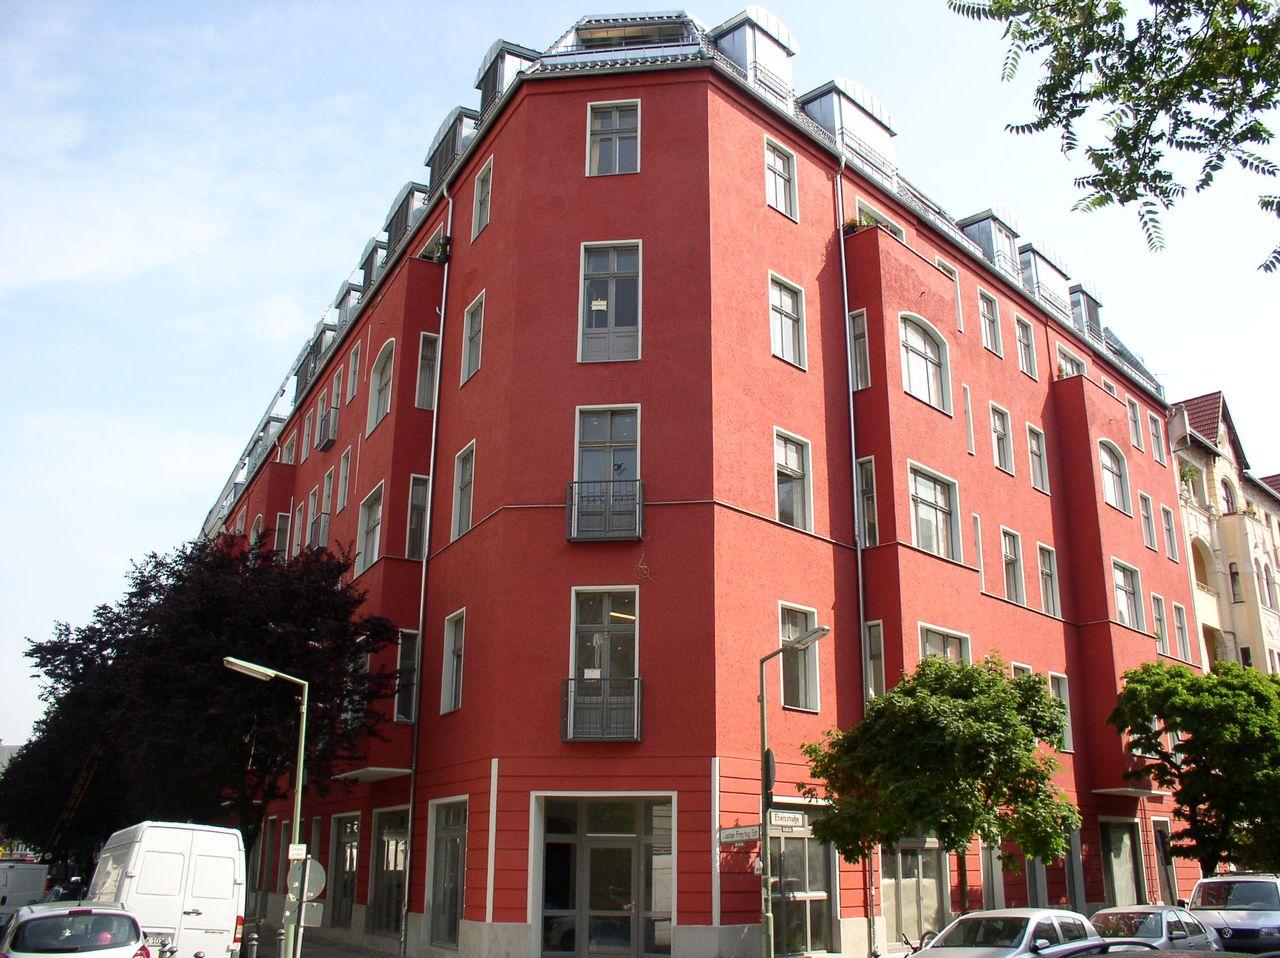 Gustav-Freytag-Straße